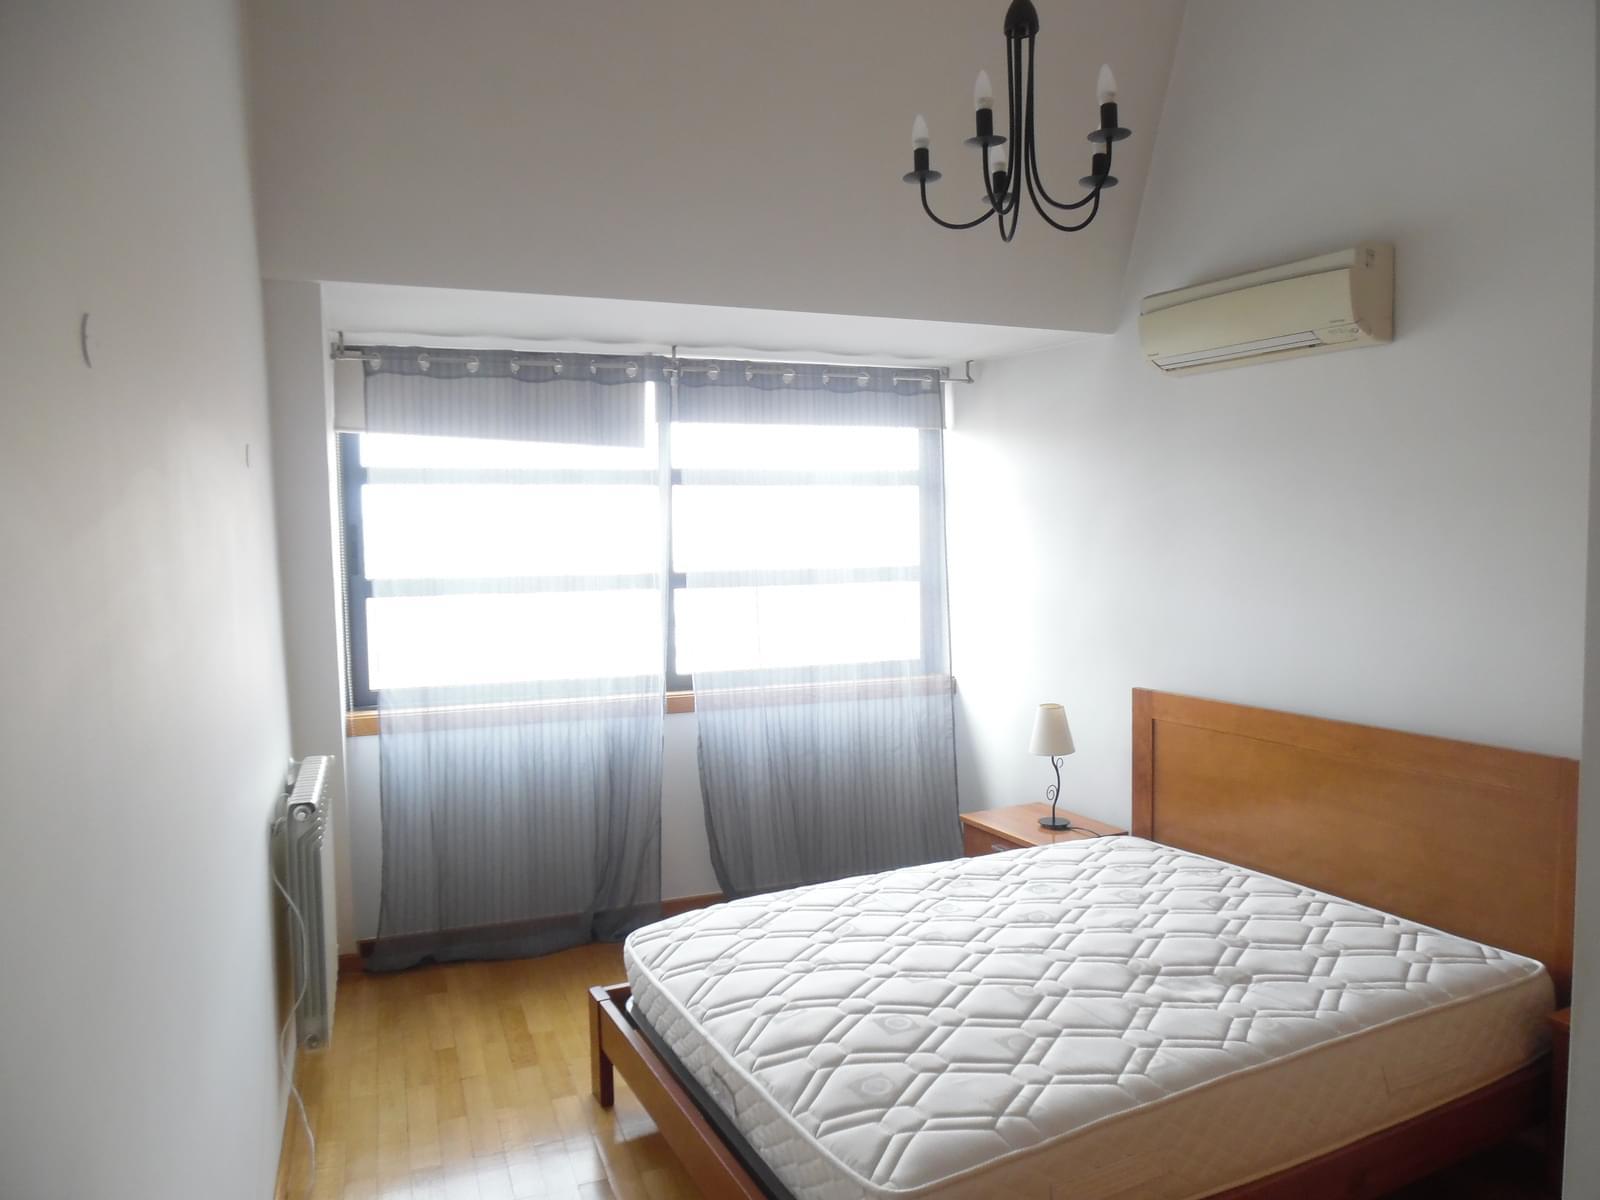 pf18329-apartamento-t1-lisboa-bbfc6bbd-15cf-40c8-927e-4ba2157b8e5c